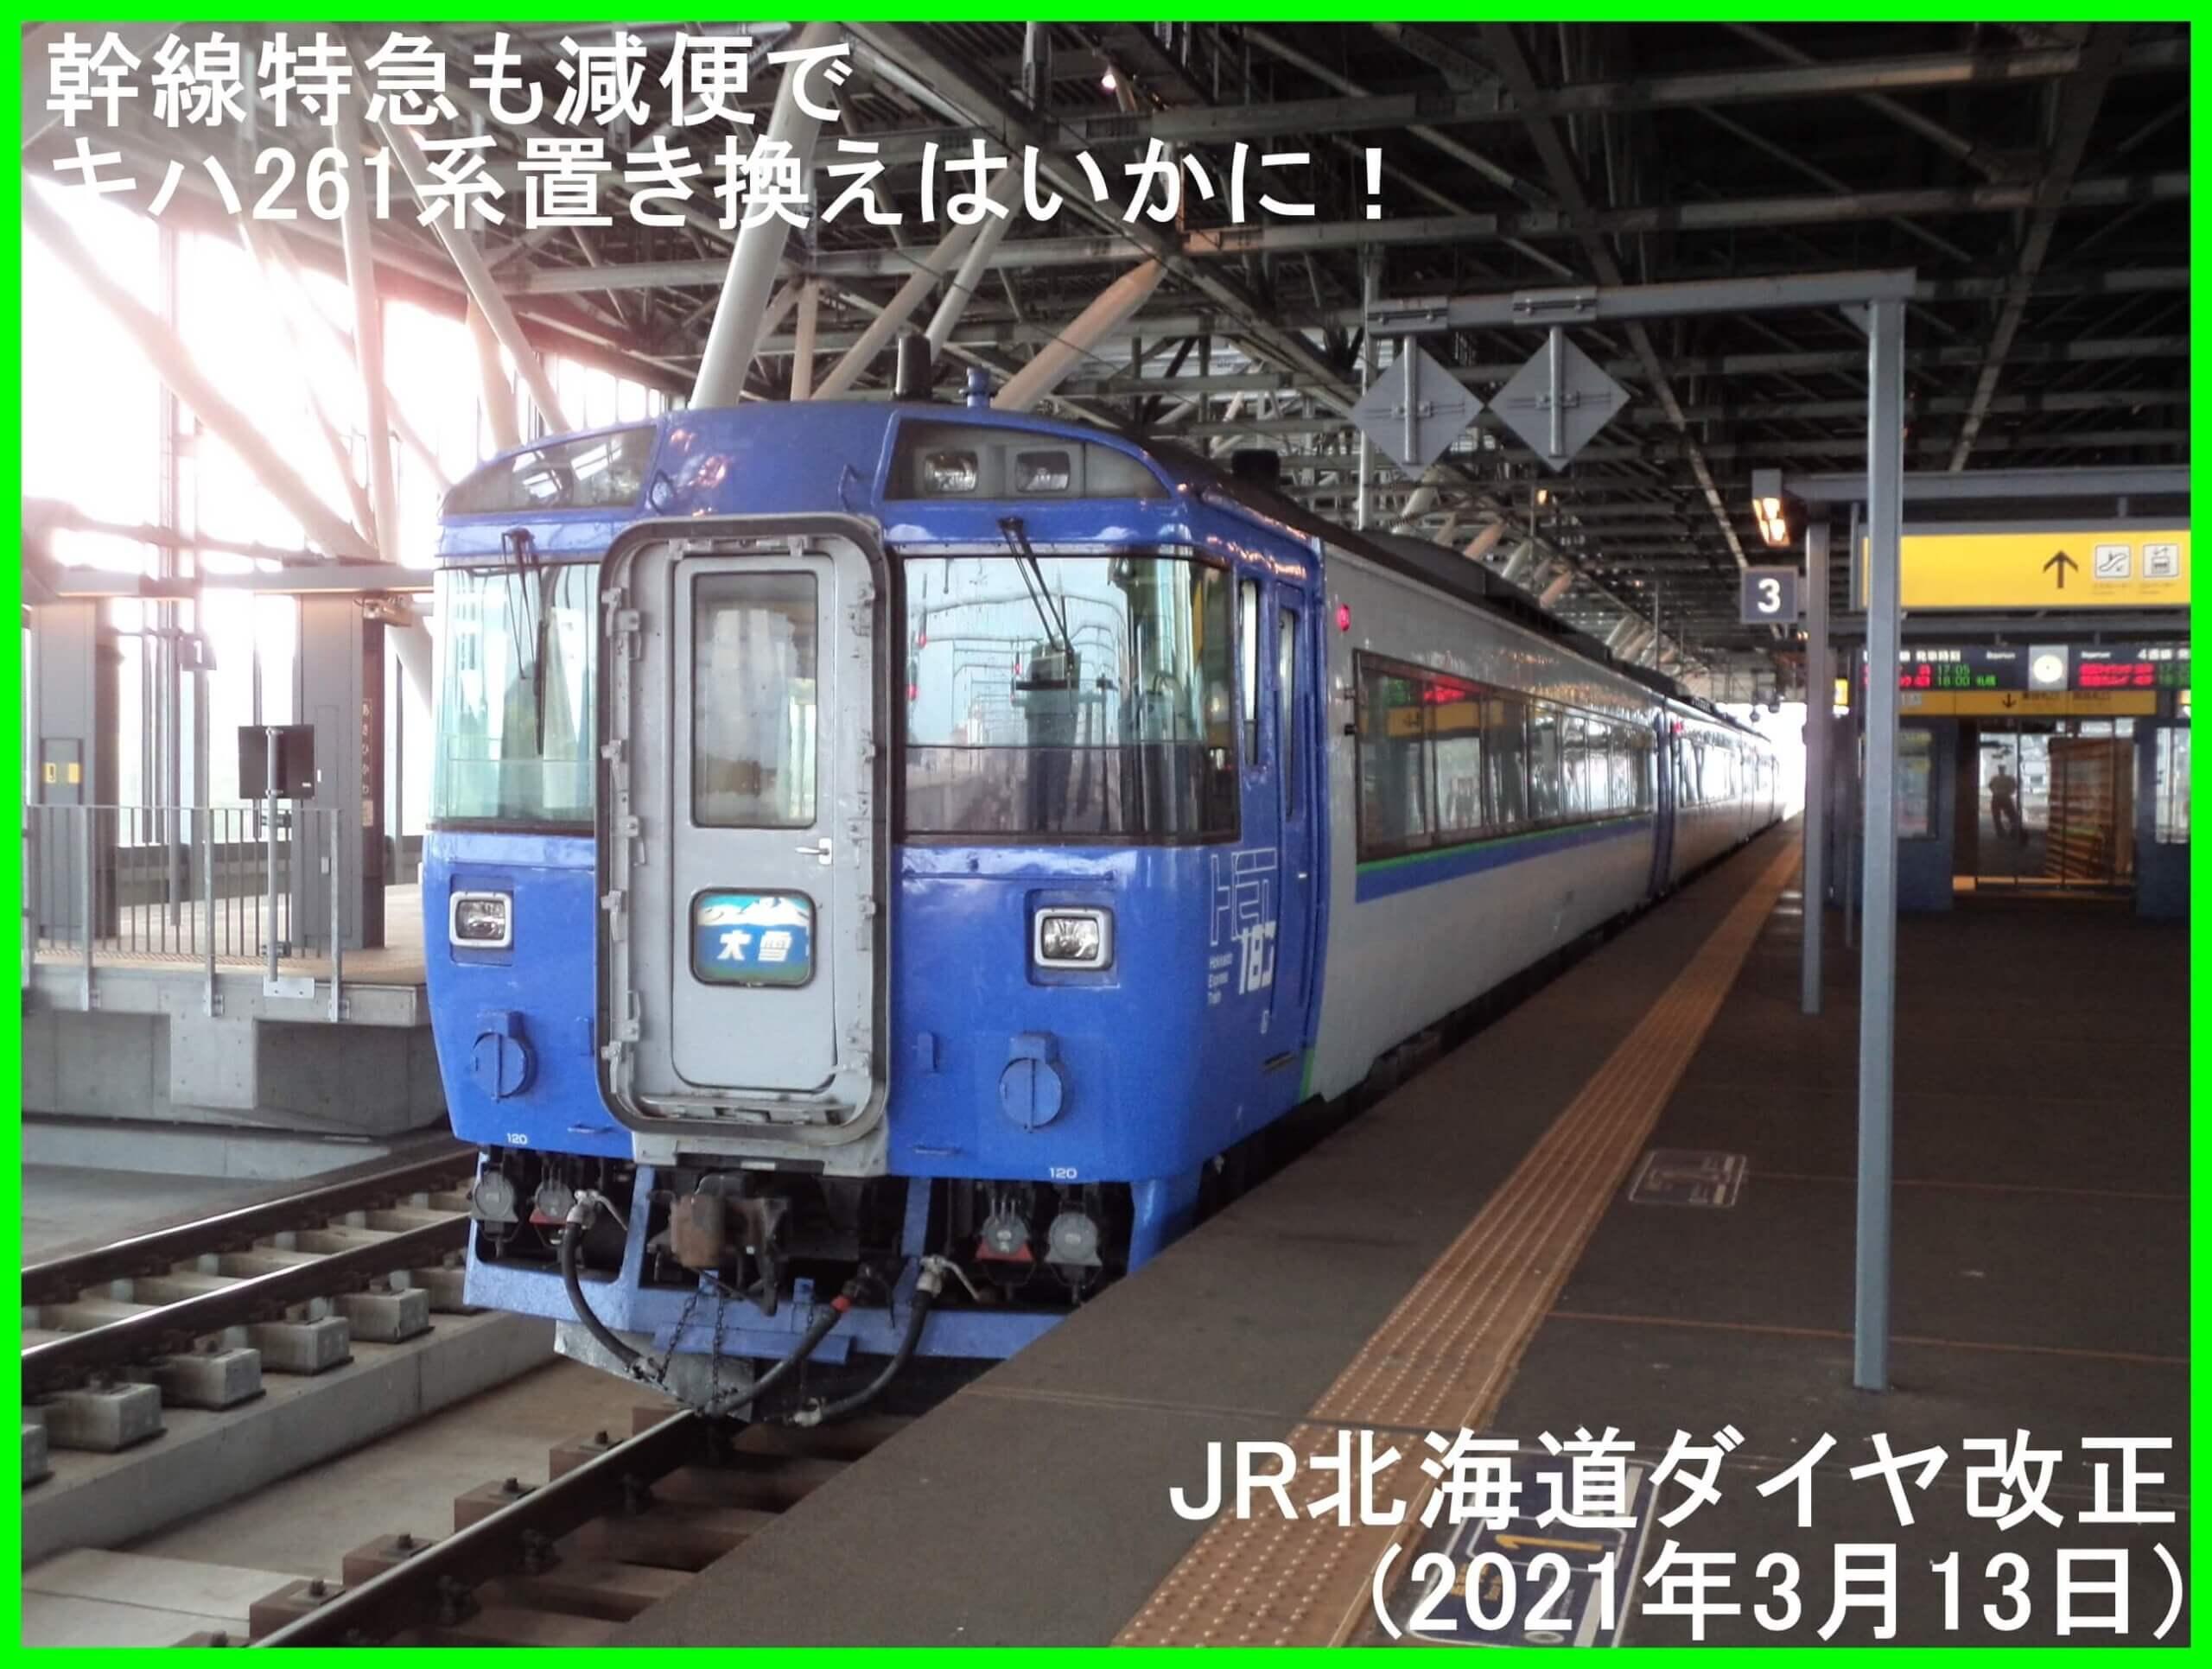 幹線特急も減便でキハ261系置き換えはいかに! JR北海道ダイヤ改正(2021年3月13日)